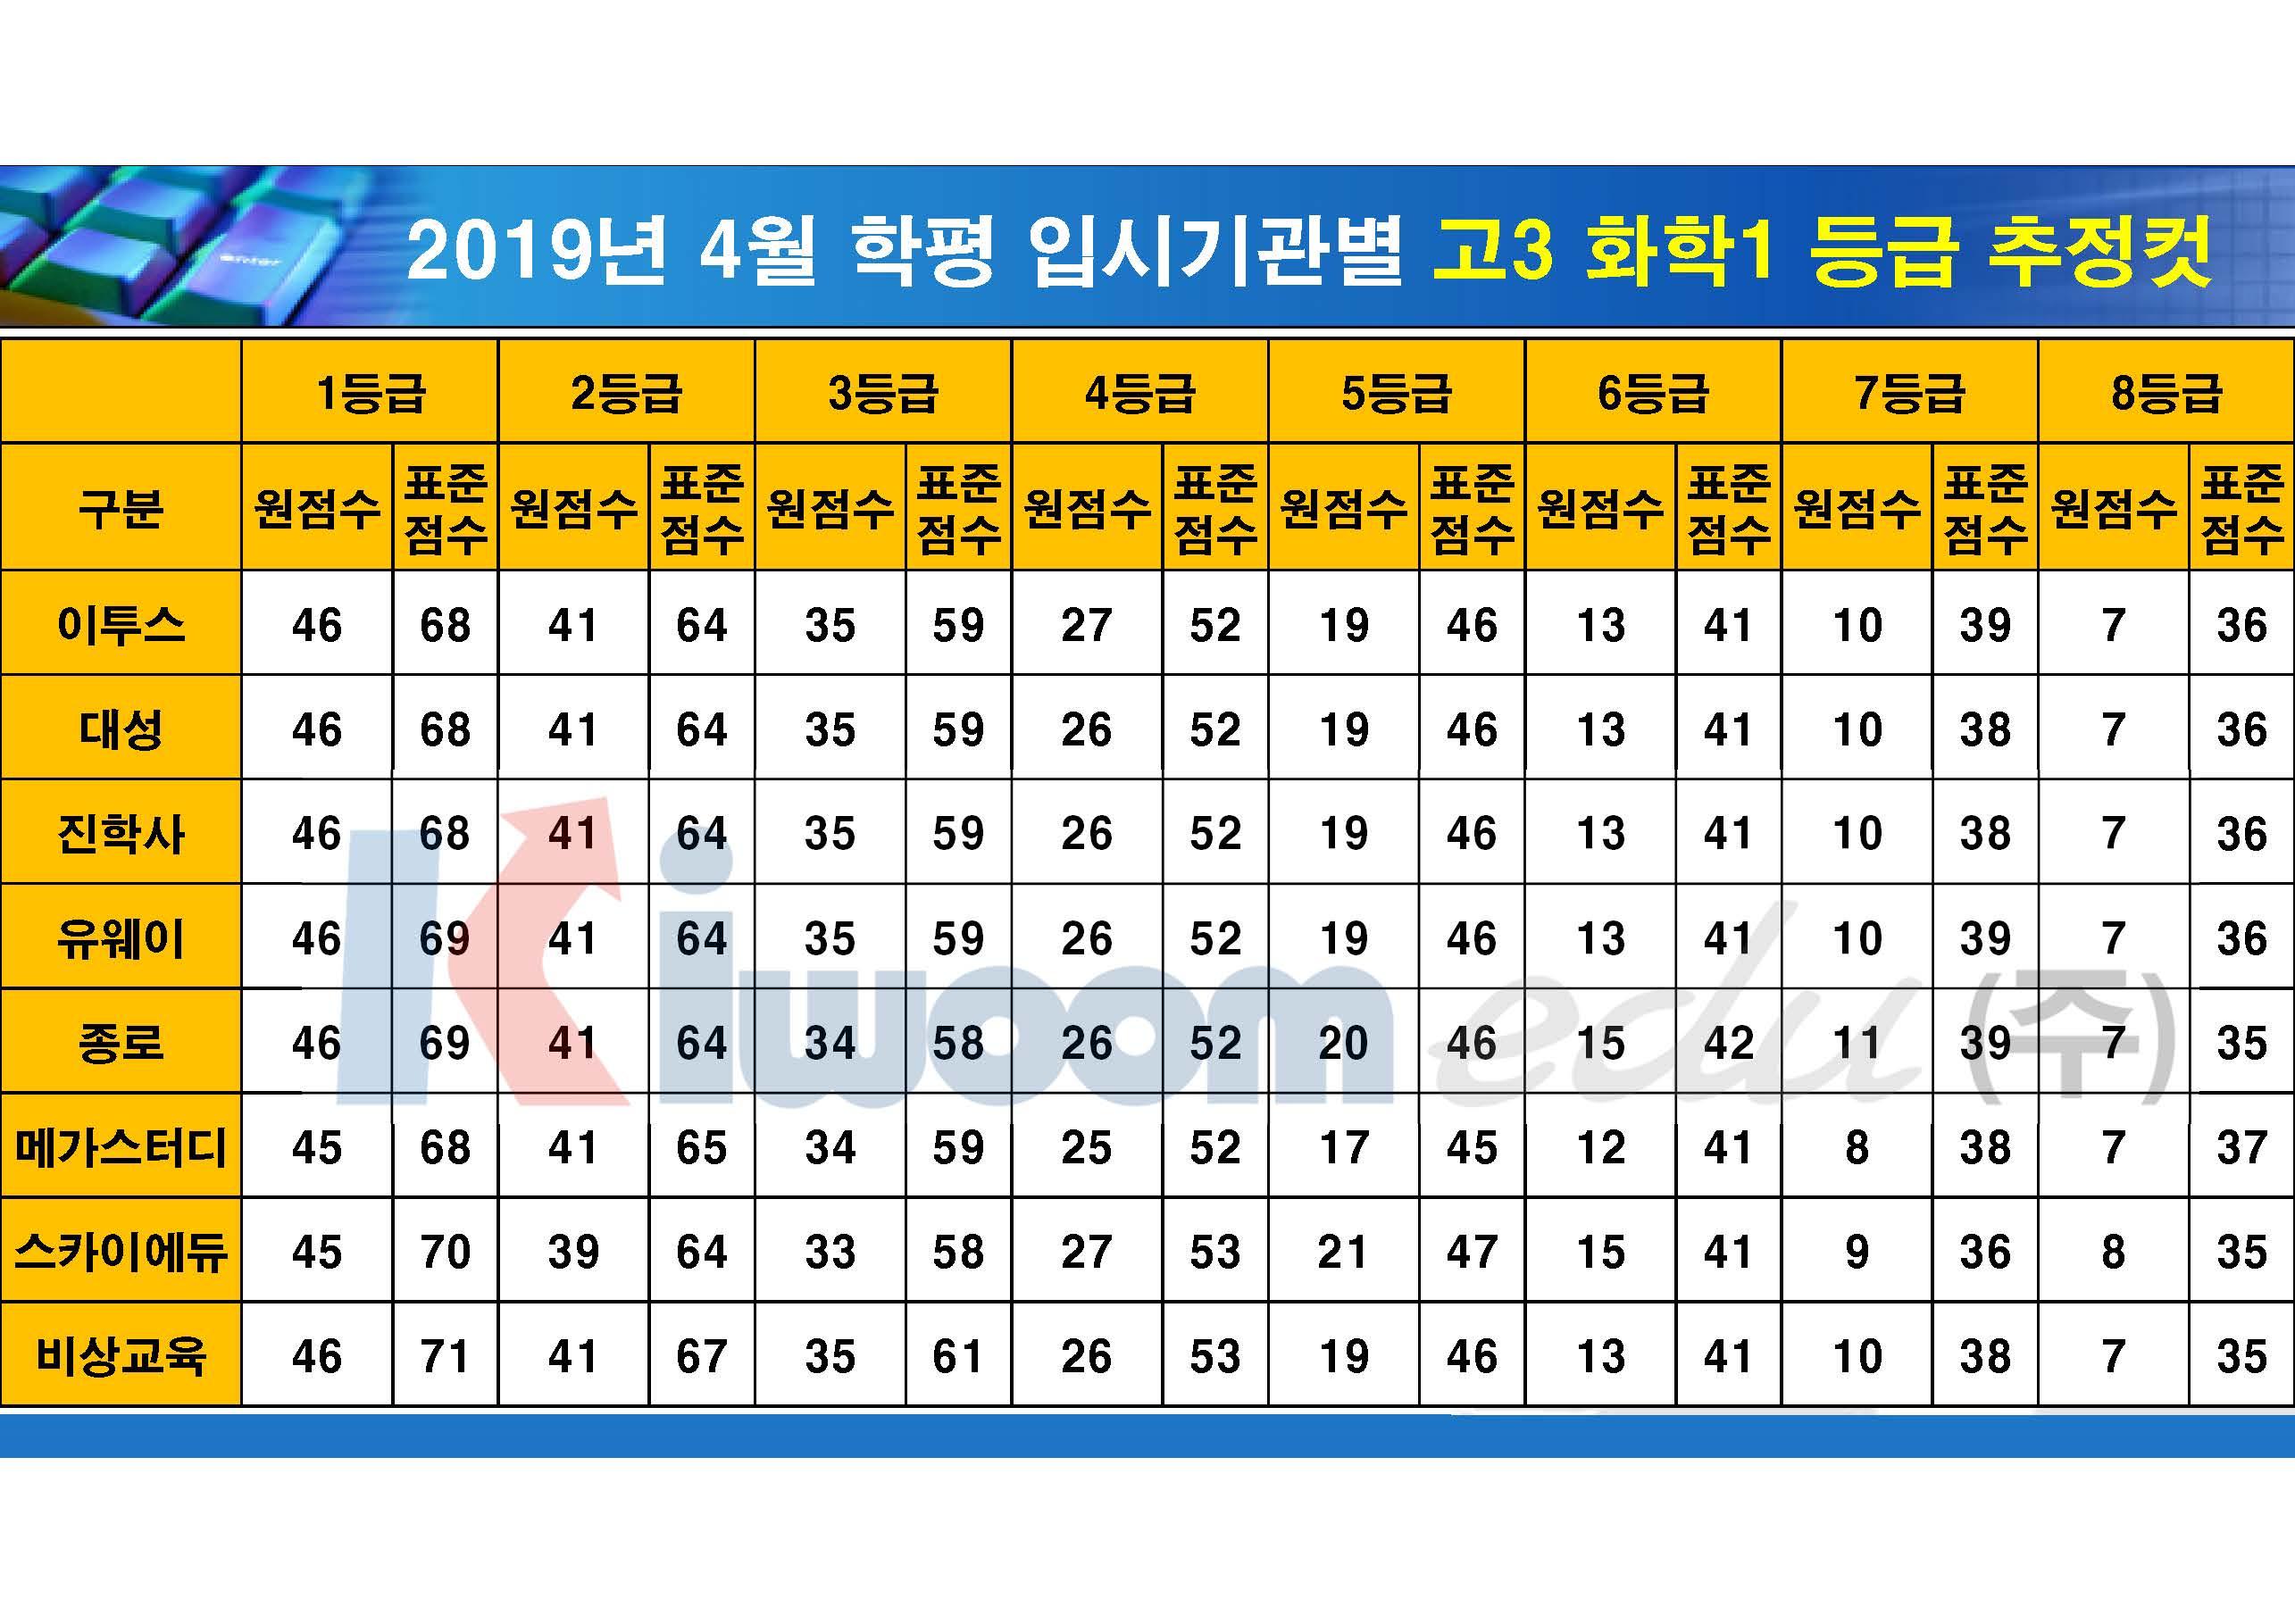 2019 4월 모의고사 입시기관별 등급컷(고3)_20190411_안지훈#2_Page_16.jpg